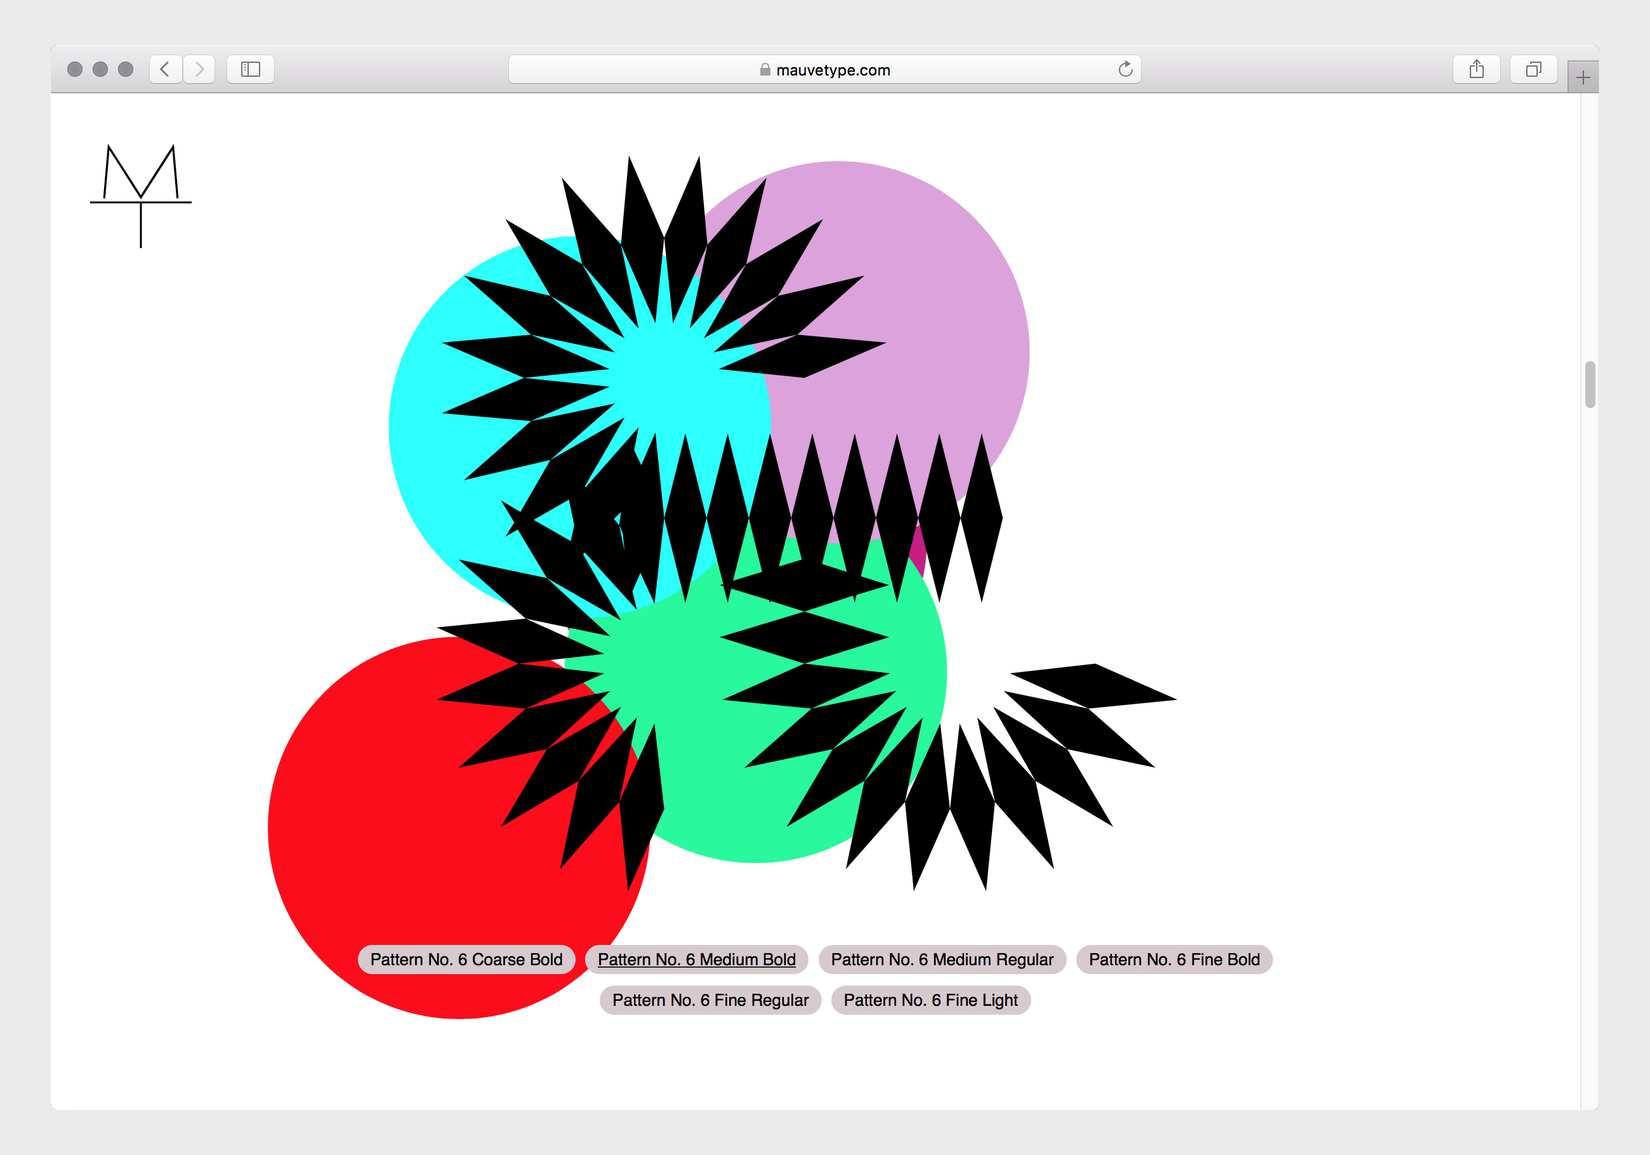 mauve-type-website-13-1650x1155px